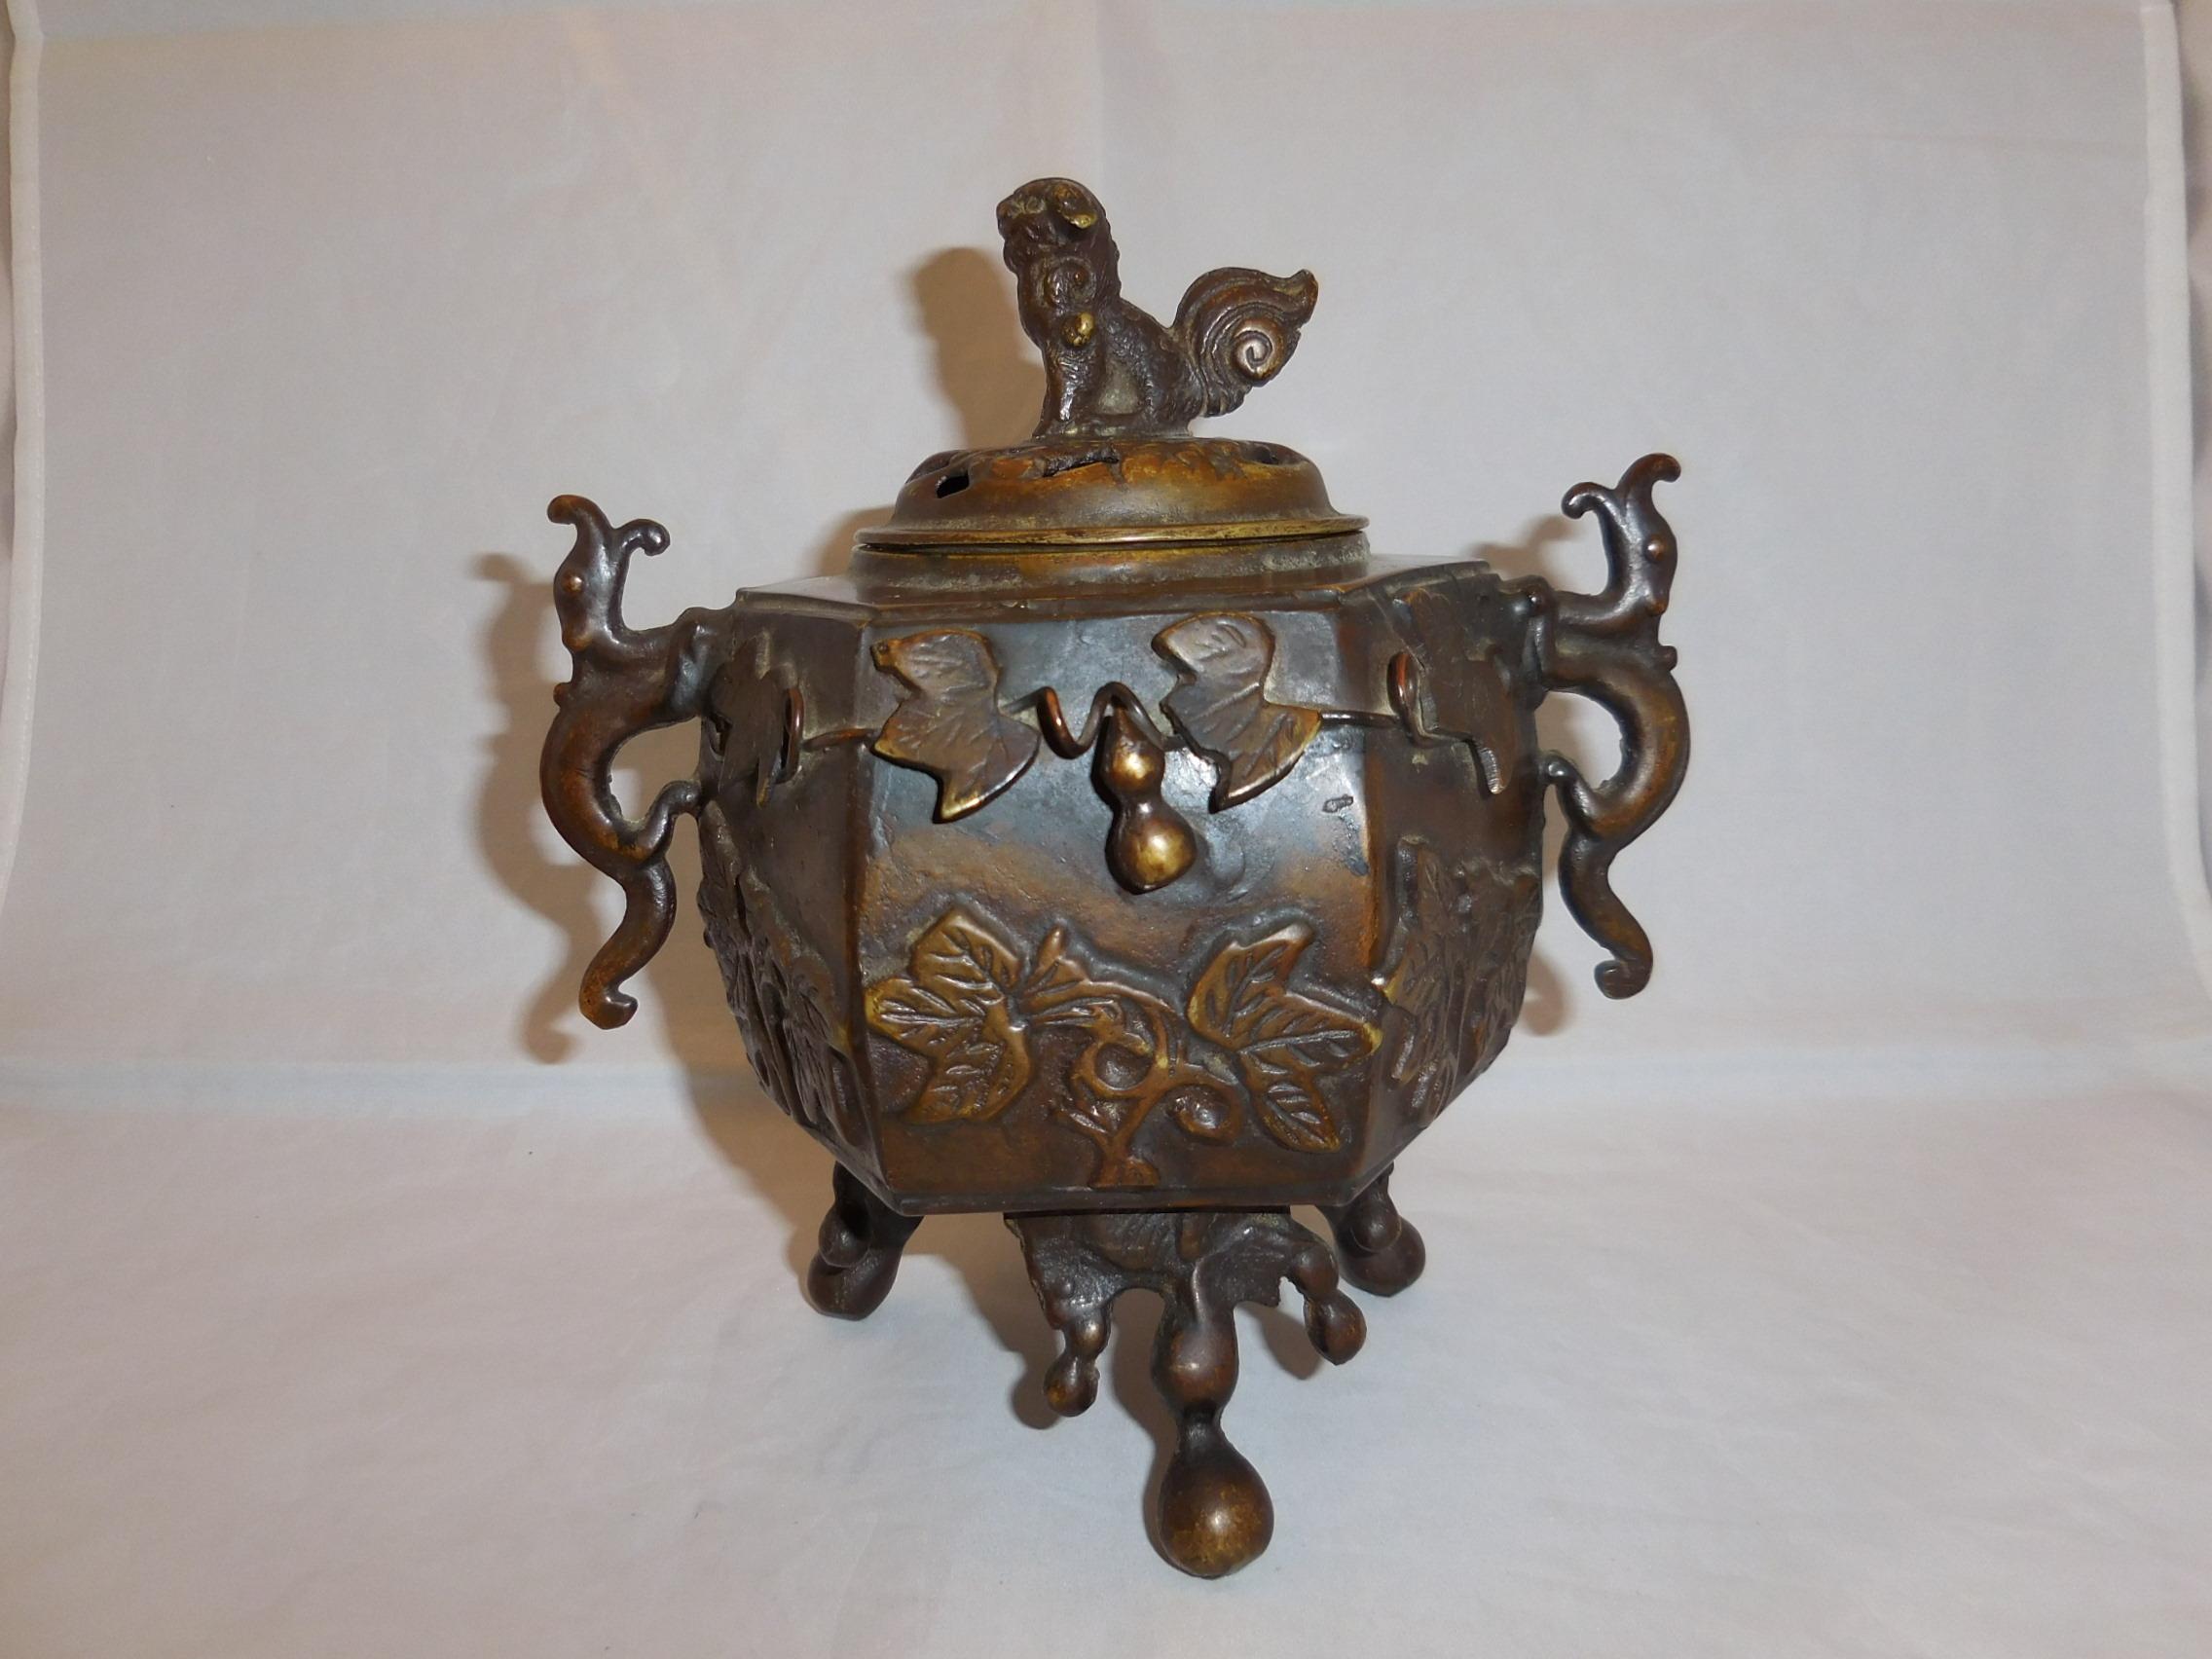 瓢箪香炉 multi-metal incense burner(No14)